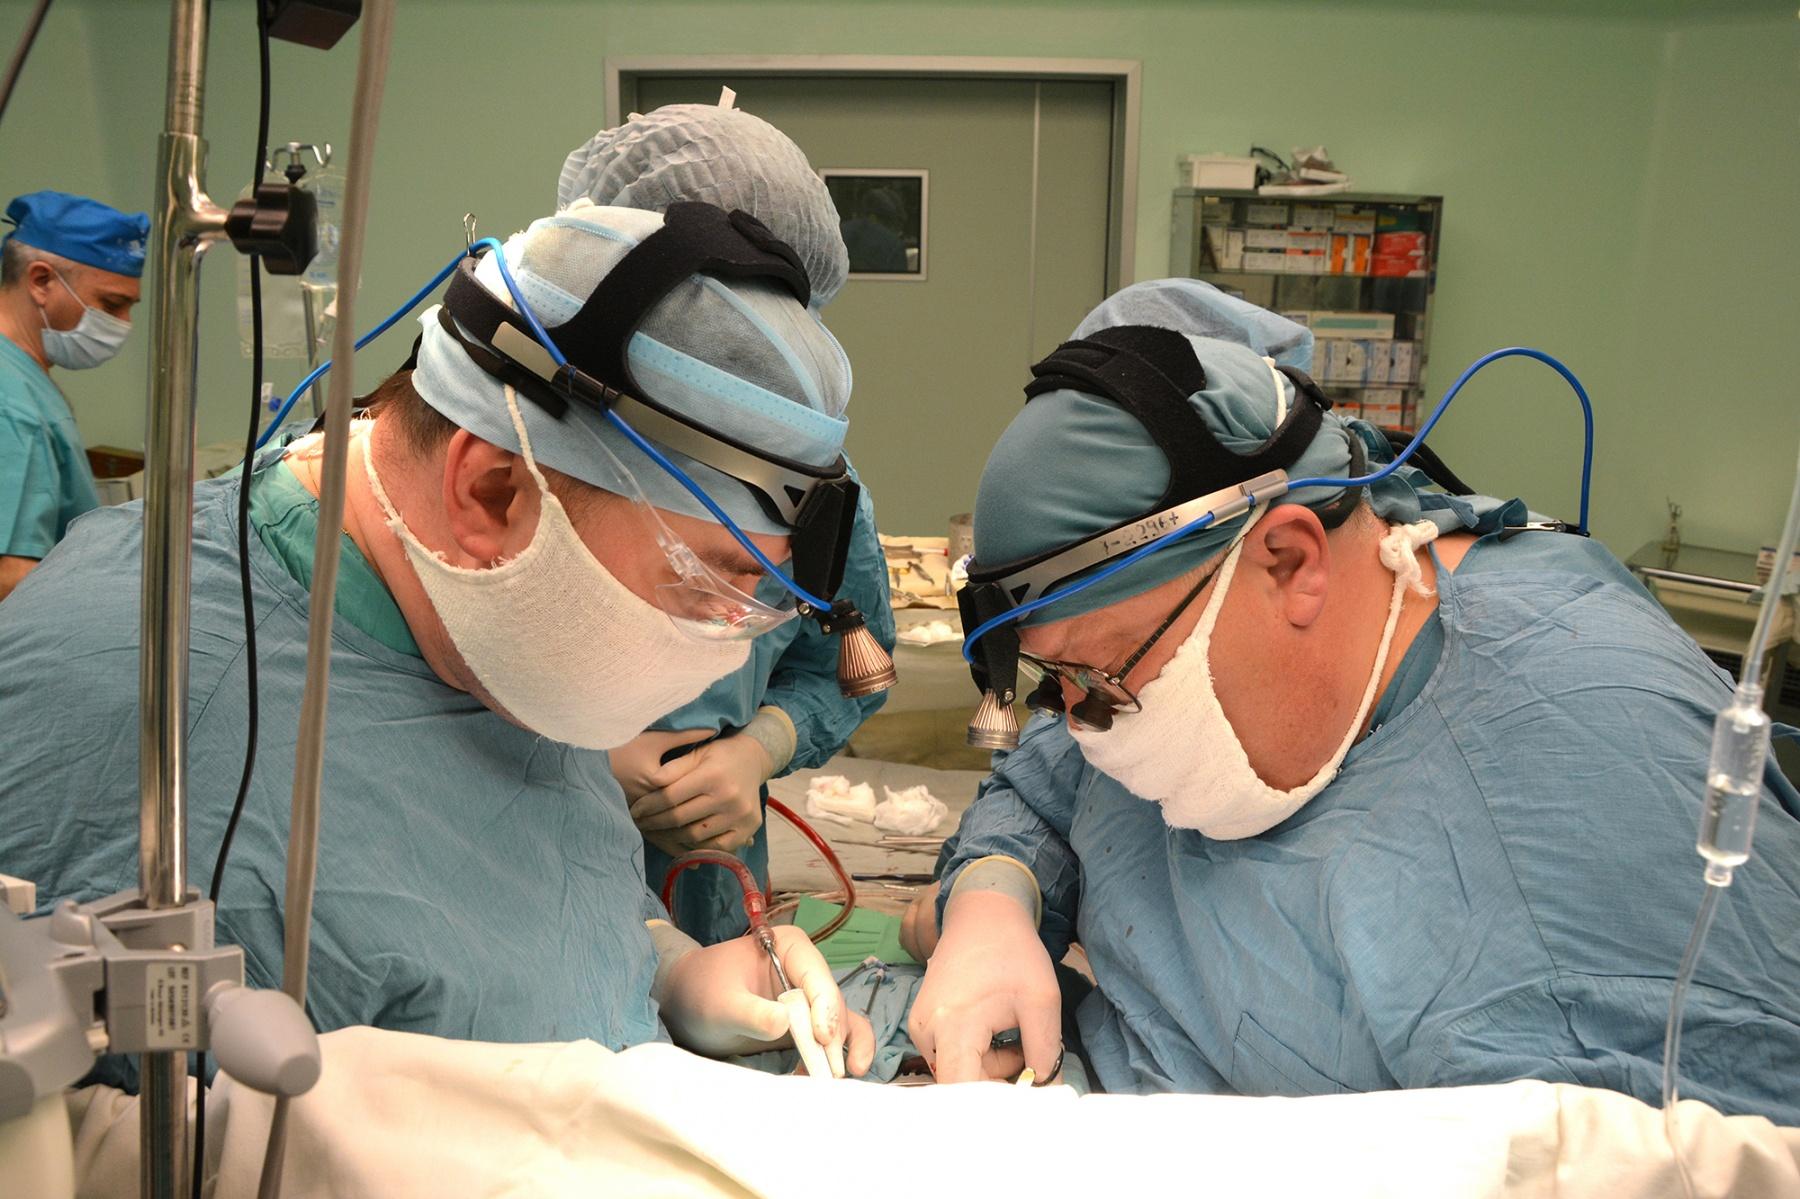 Первую в РФ: ВТюмени провели неповторимую операцию надетском сердце